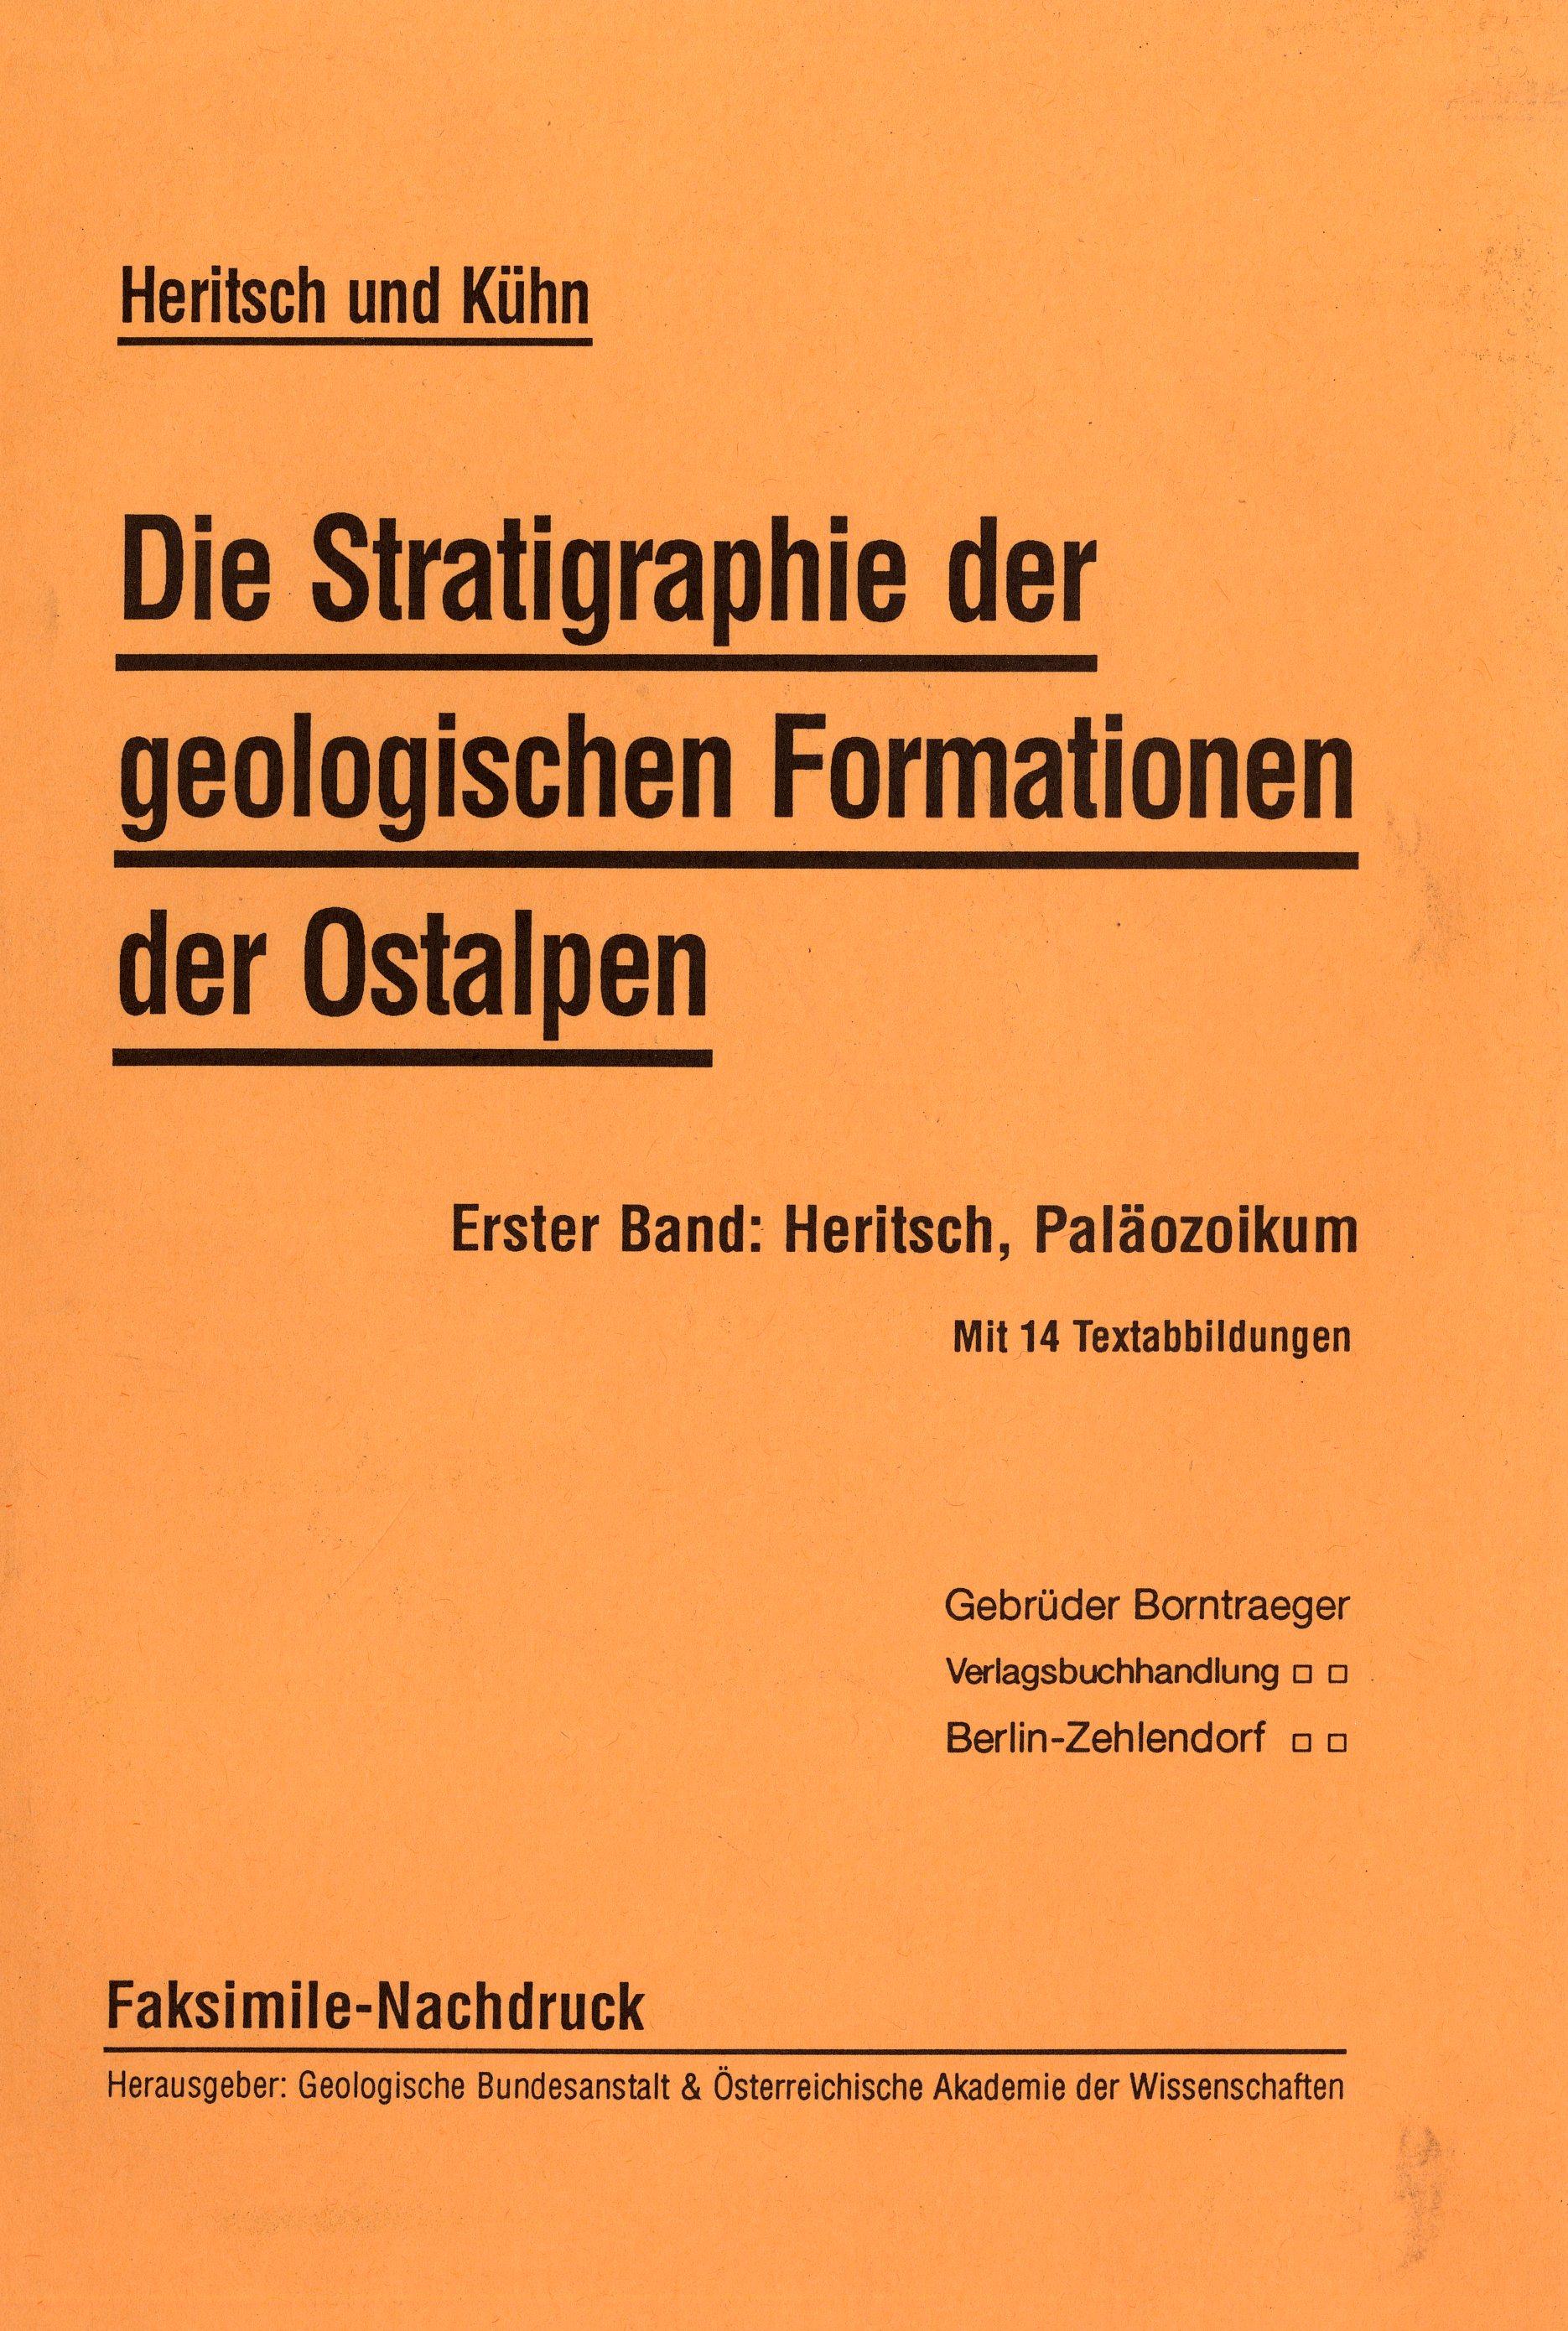 Die Stratigraphie der geologischen Formationen der Ostalpen